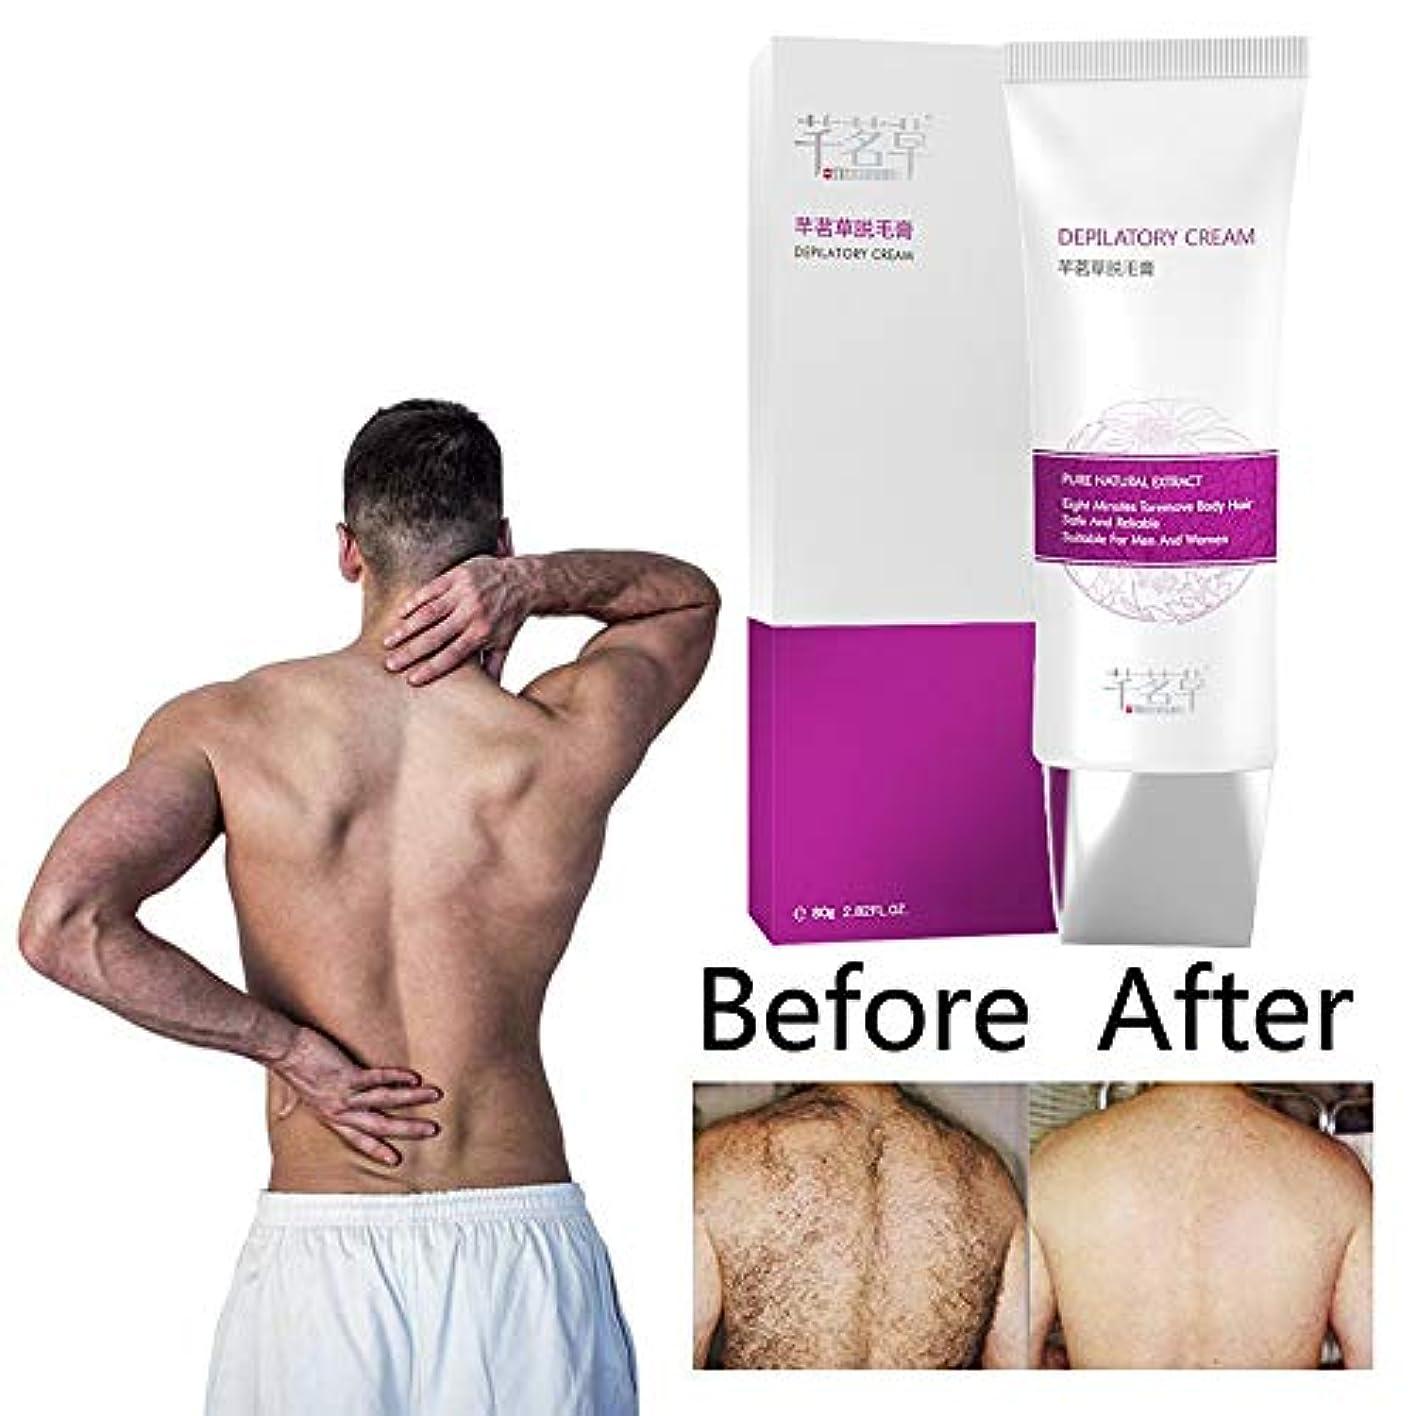 びん耐える圧倒する脱毛 温和無痛 敏感肌適当な、 脱毛スプレースーパーナチュラル痛みのないパーマネント脱毛クリームソフトスキン、安全で便利、細かい髪を取り除き、メイクをより親しみやすくする